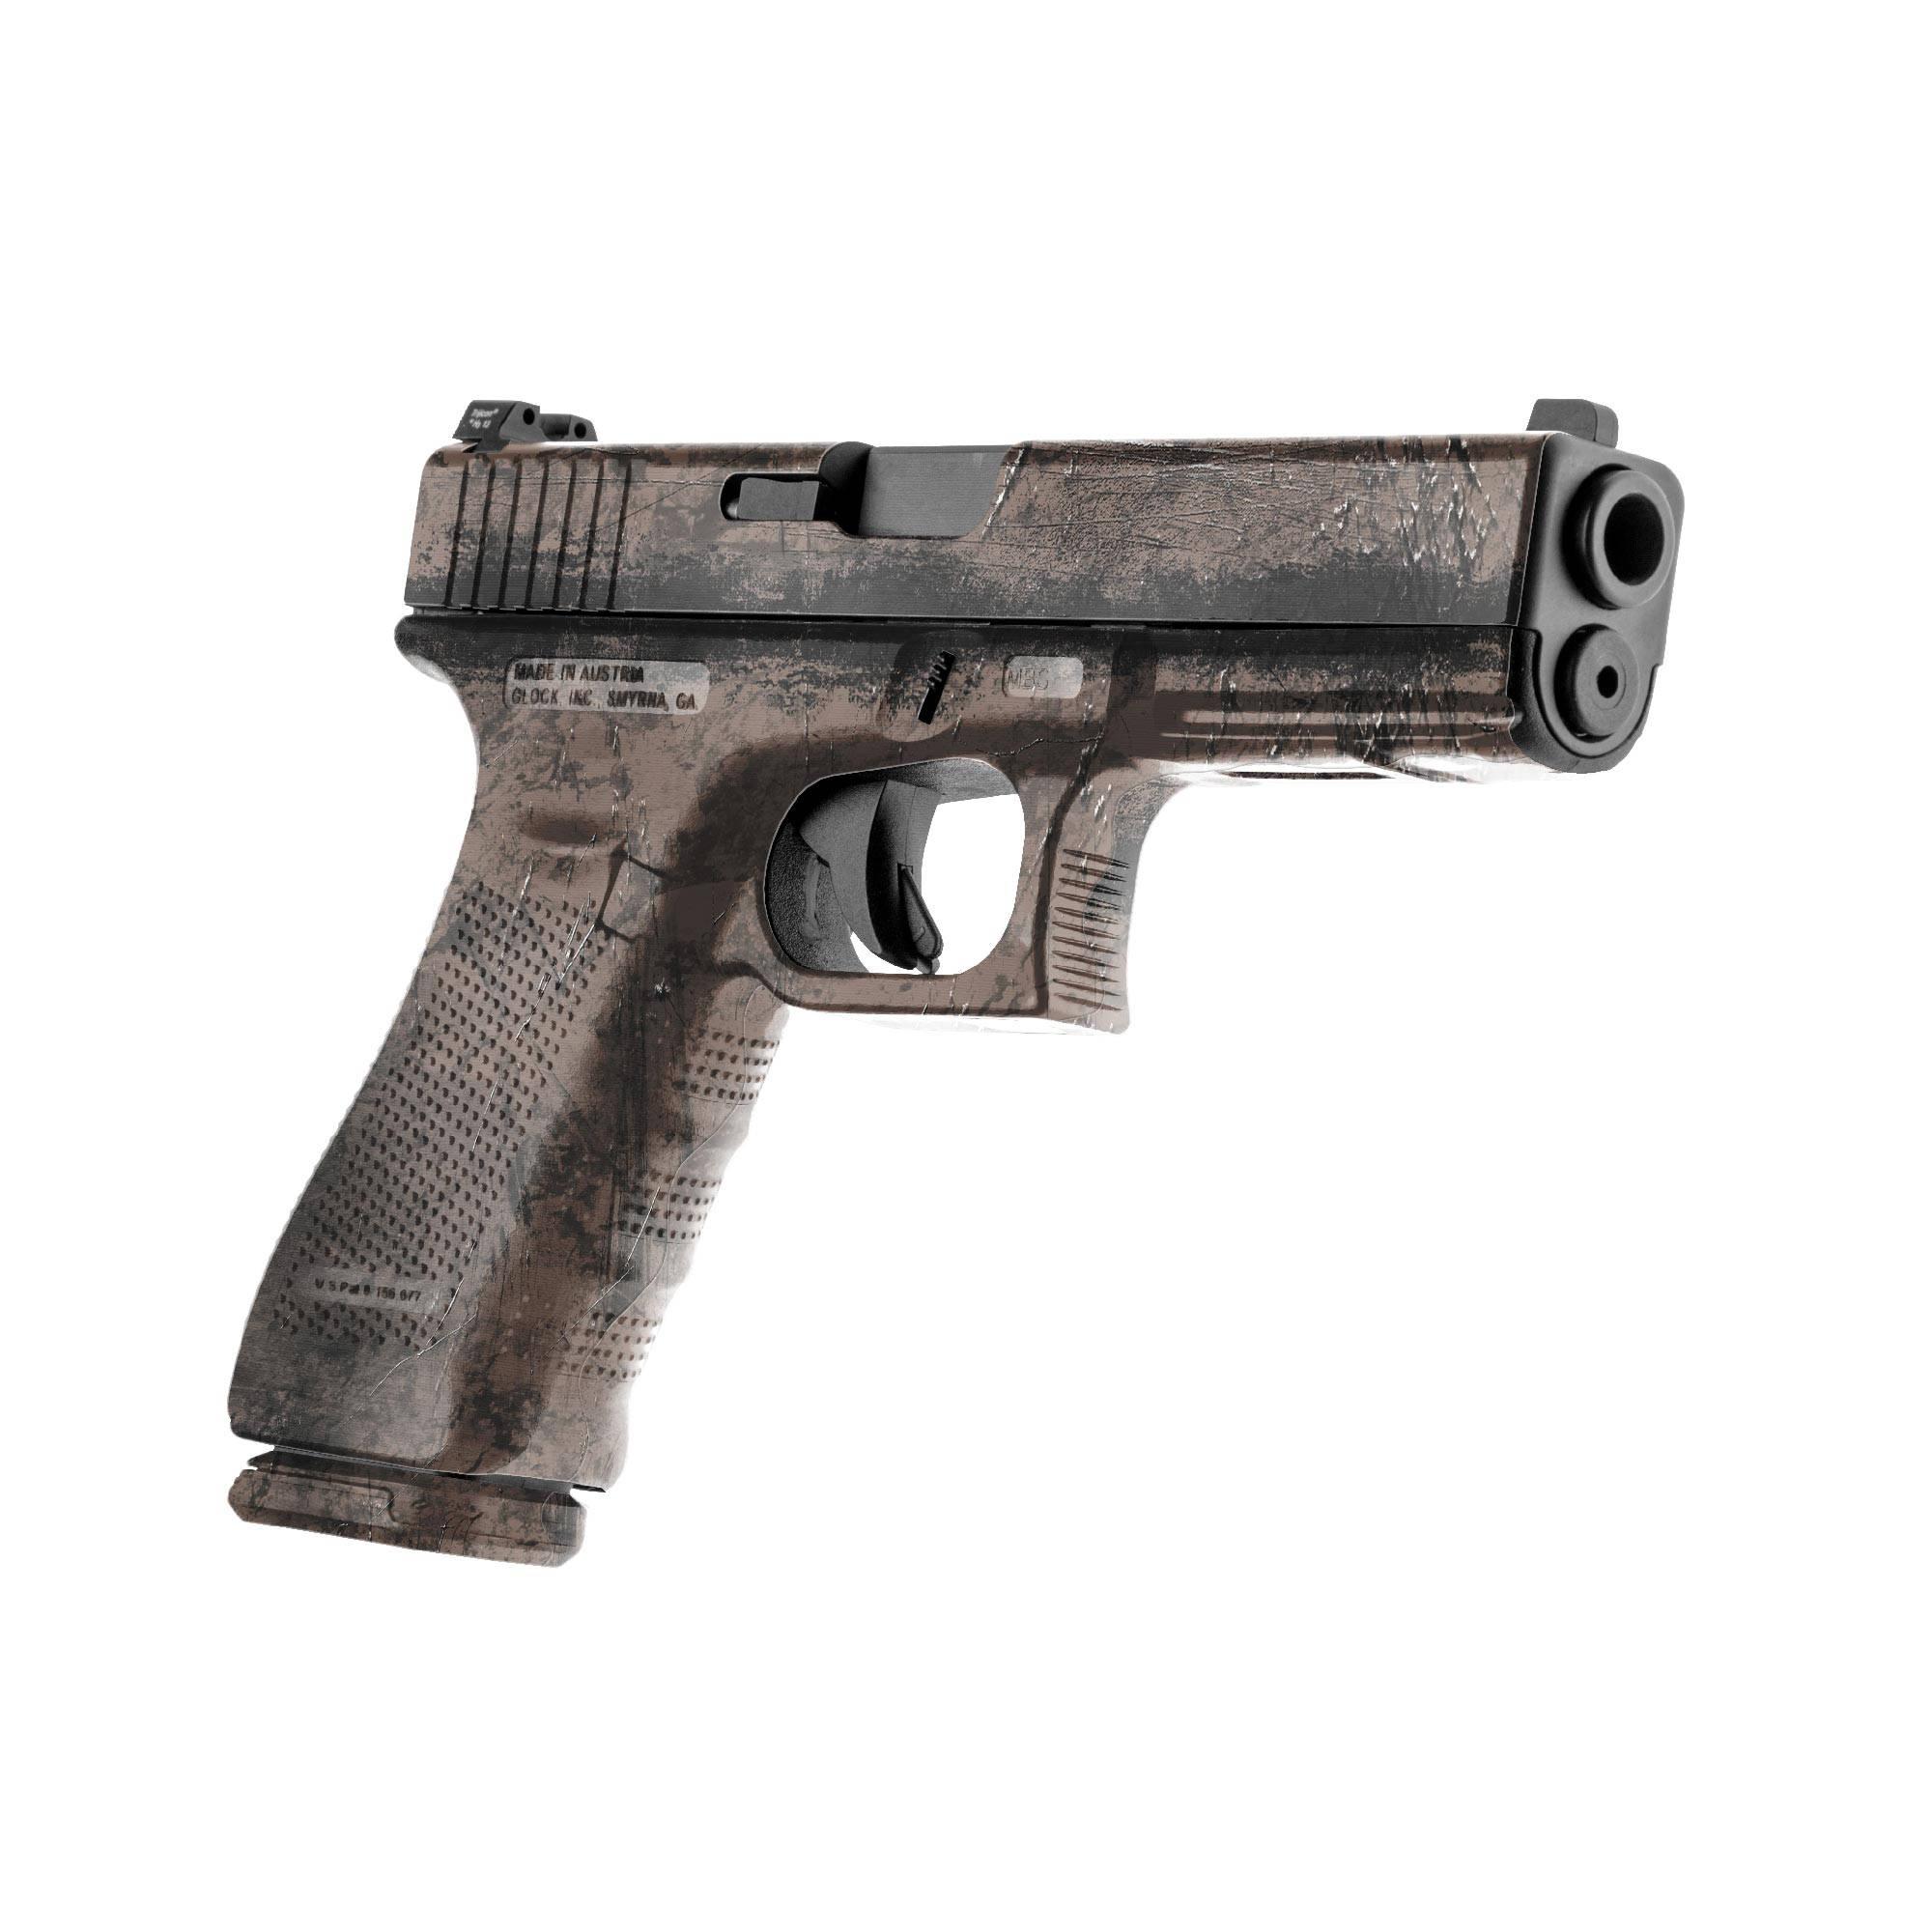 Gunskins Pistol Skin Specialty Gun Wrap Battleworn Dark Etsy